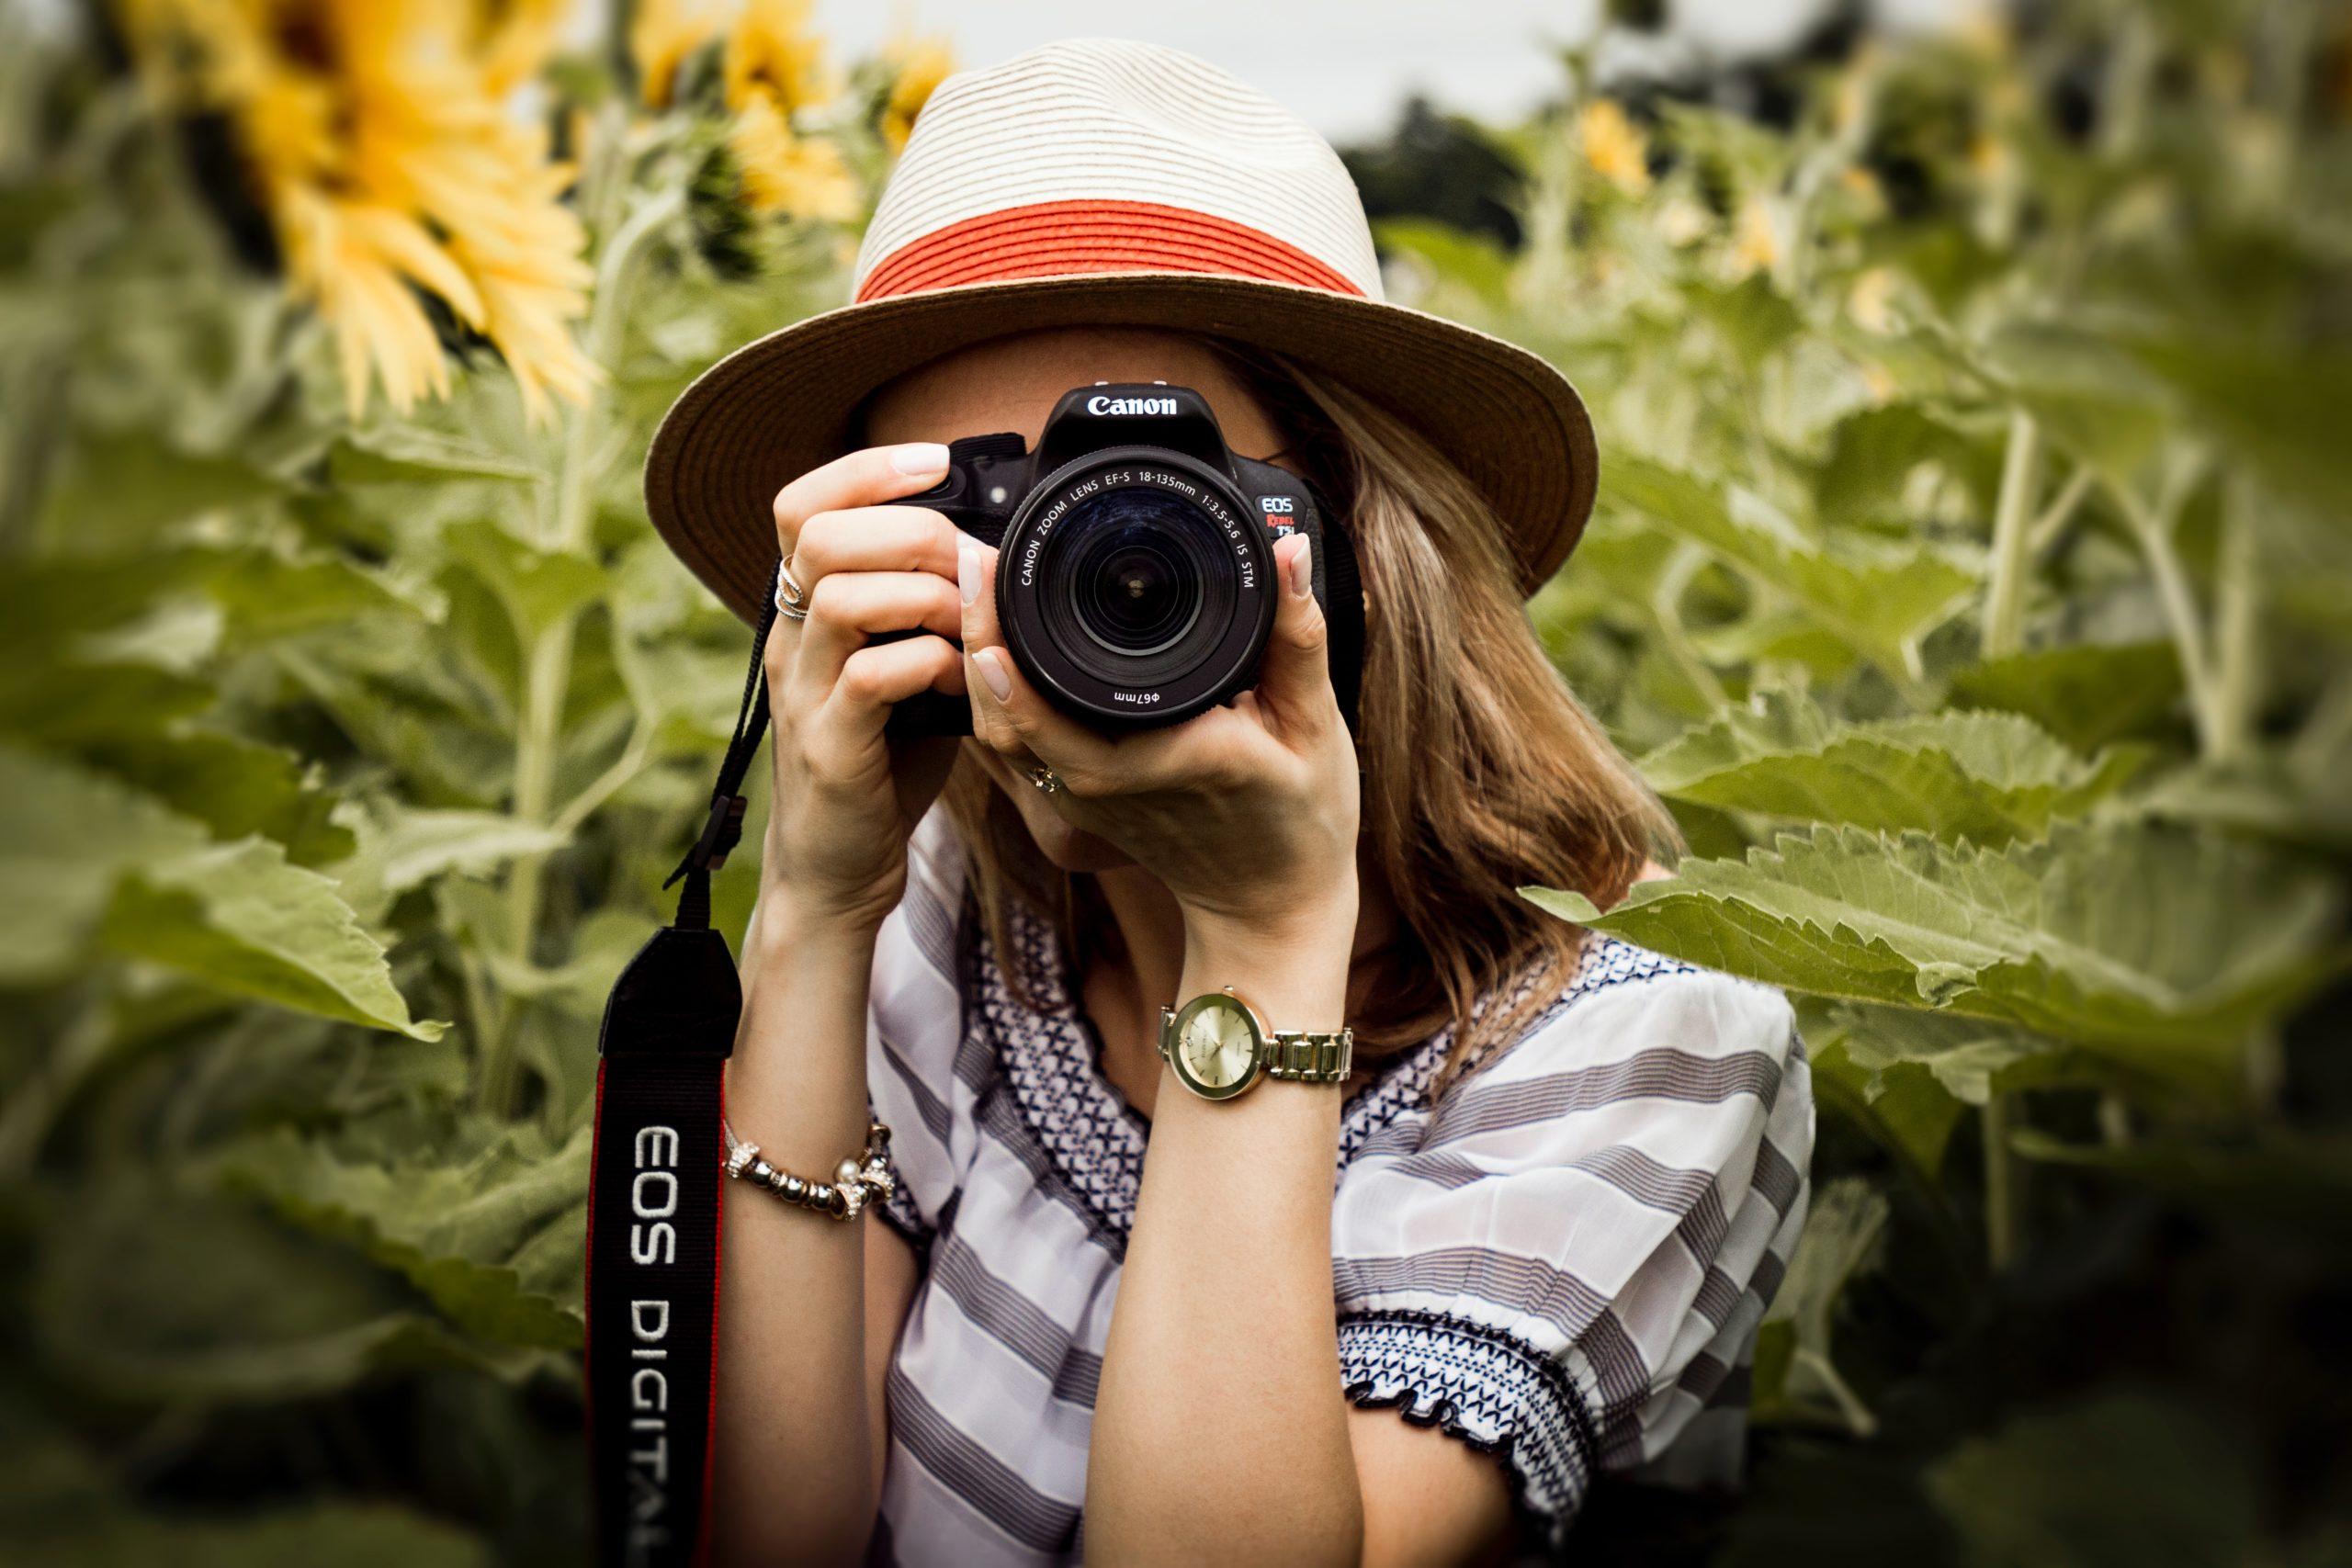 Akcesoria dla fotografów, czyli o gadżetach fotograficznych